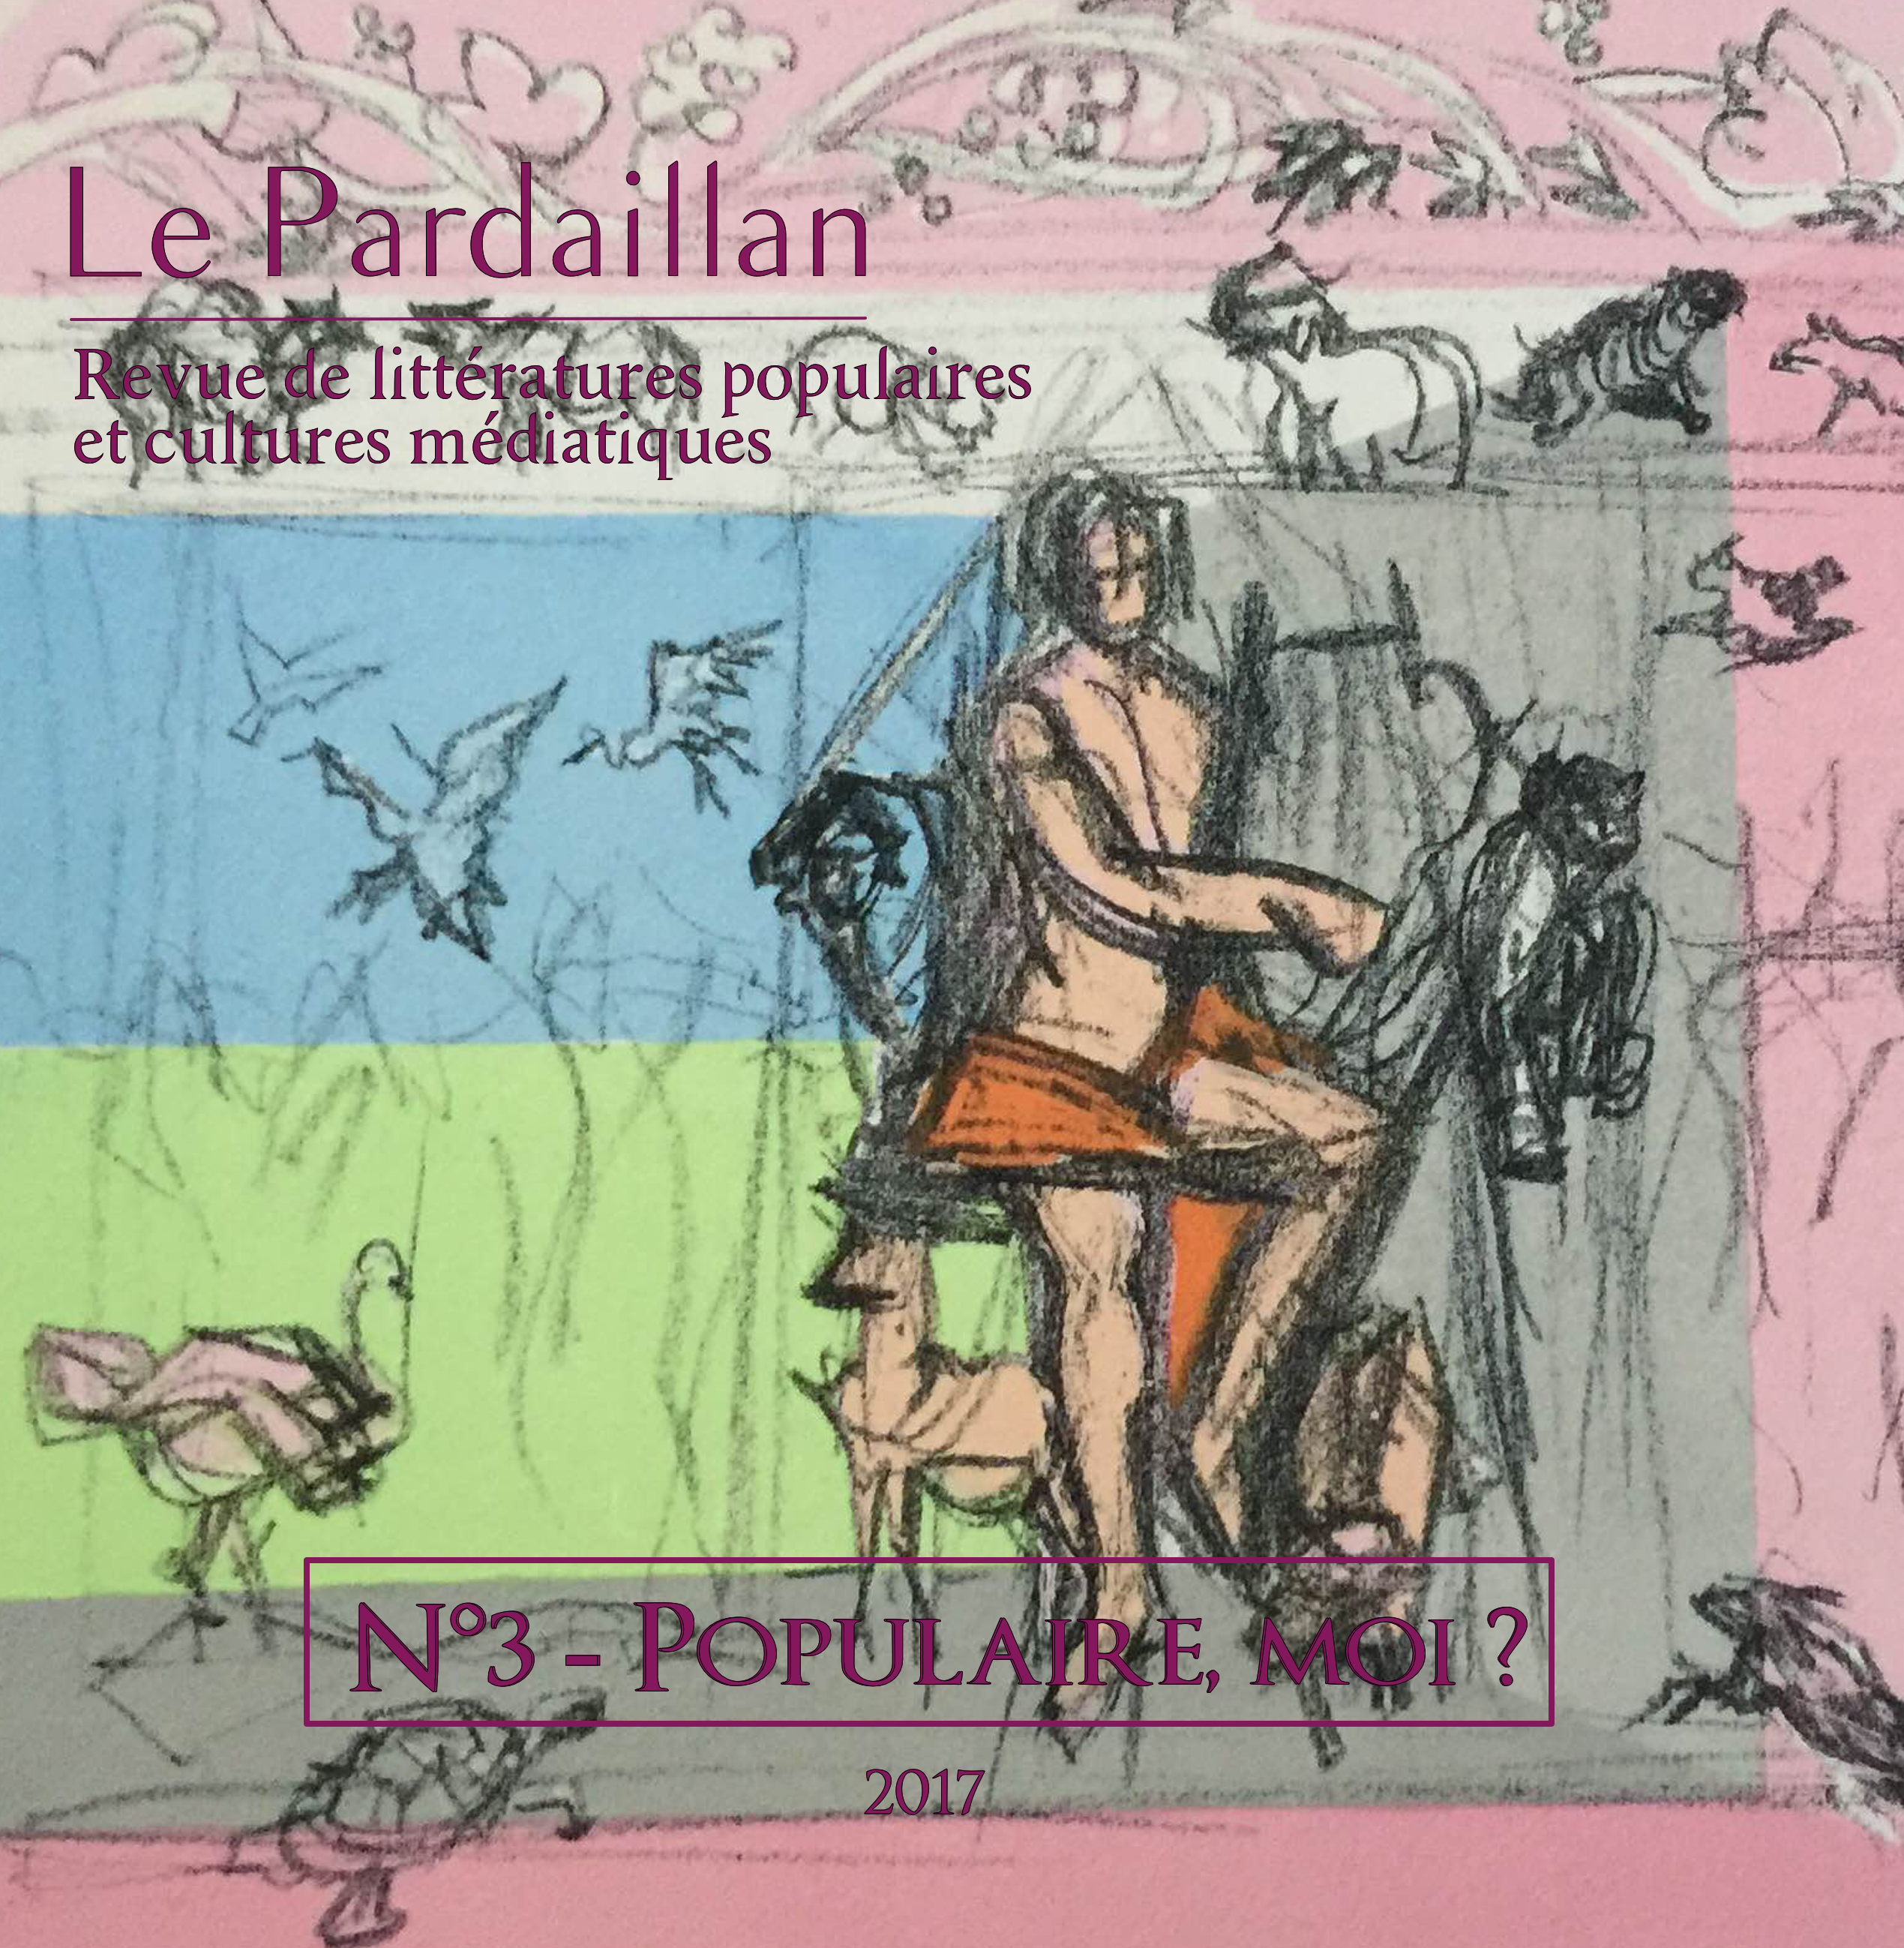 Le Pardaillan N°3 - Populaire, moi ? Image